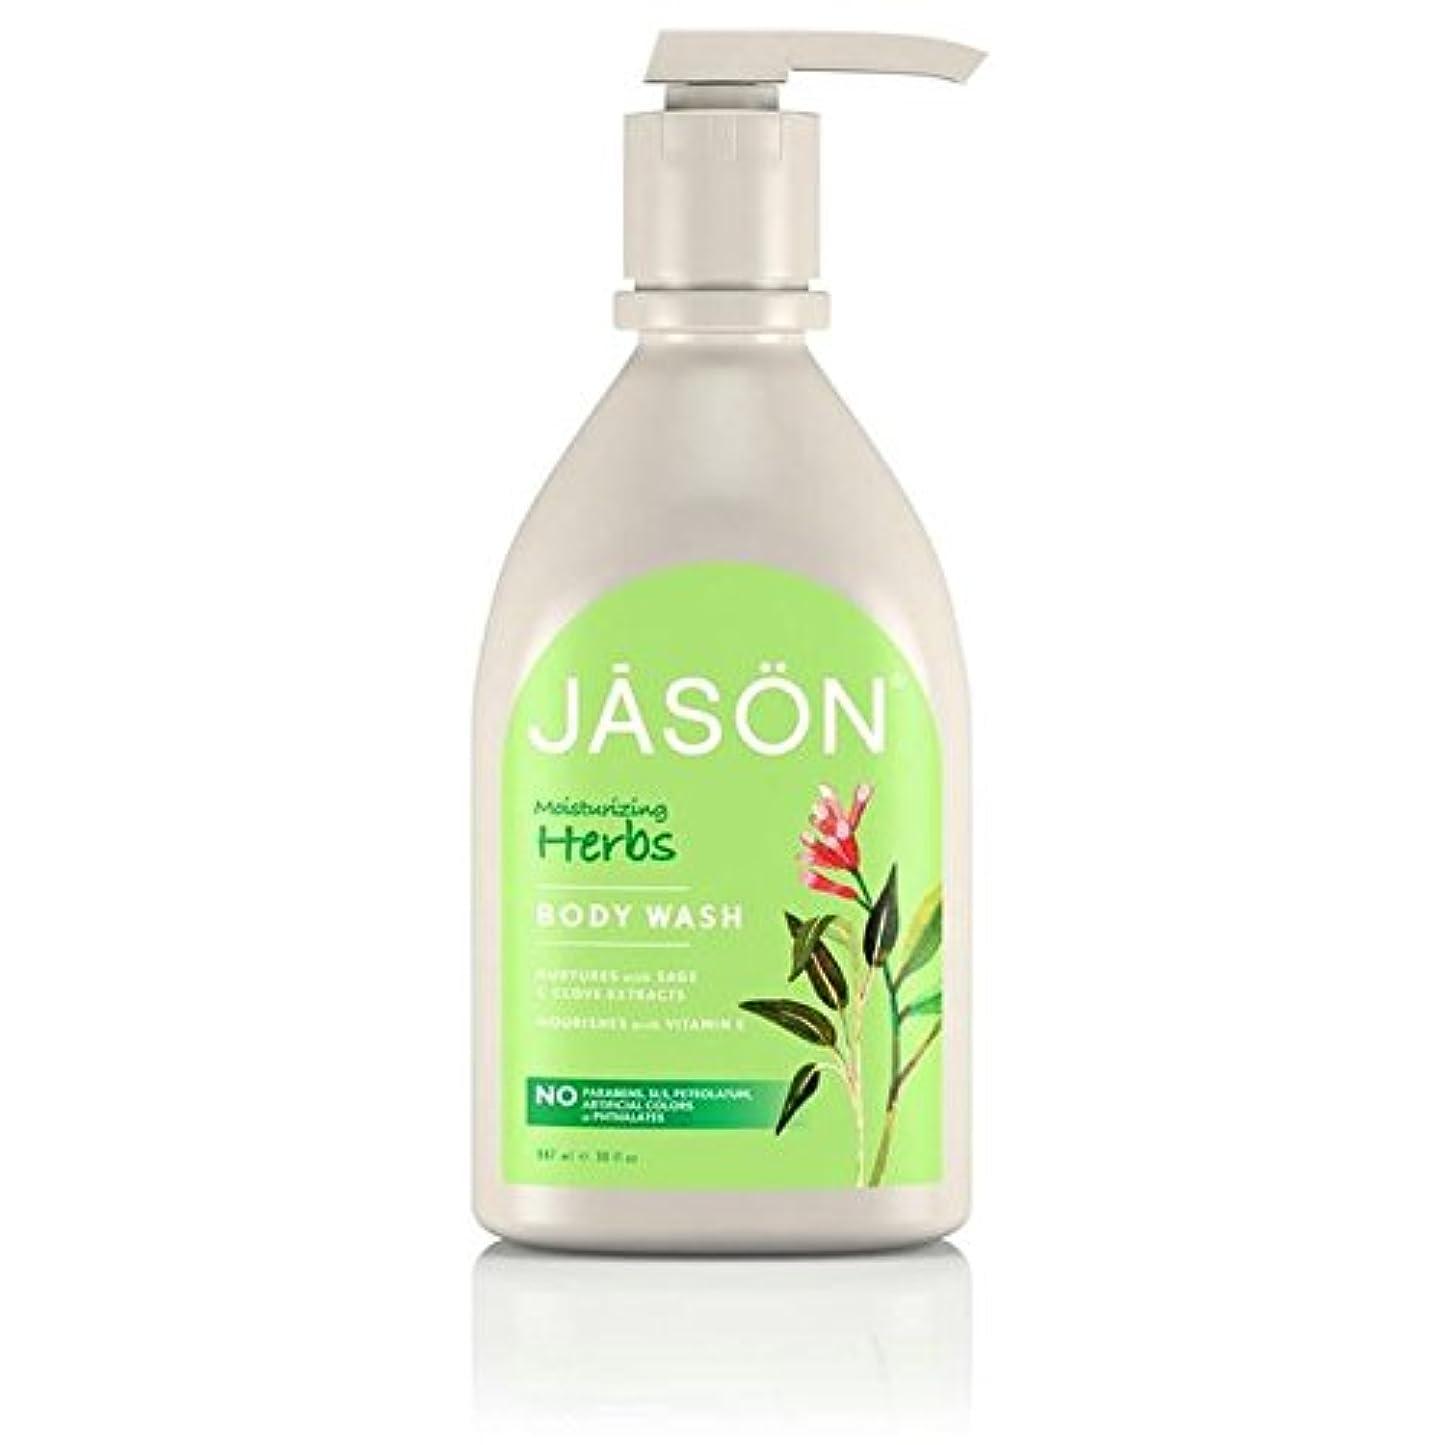 臨検期待する闇ジェイソン?ハーブサテンボディウォッシュポンプ900ミリリットル x4 - Jason Herbal Satin Body Wash Pump 900ml (Pack of 4) [並行輸入品]